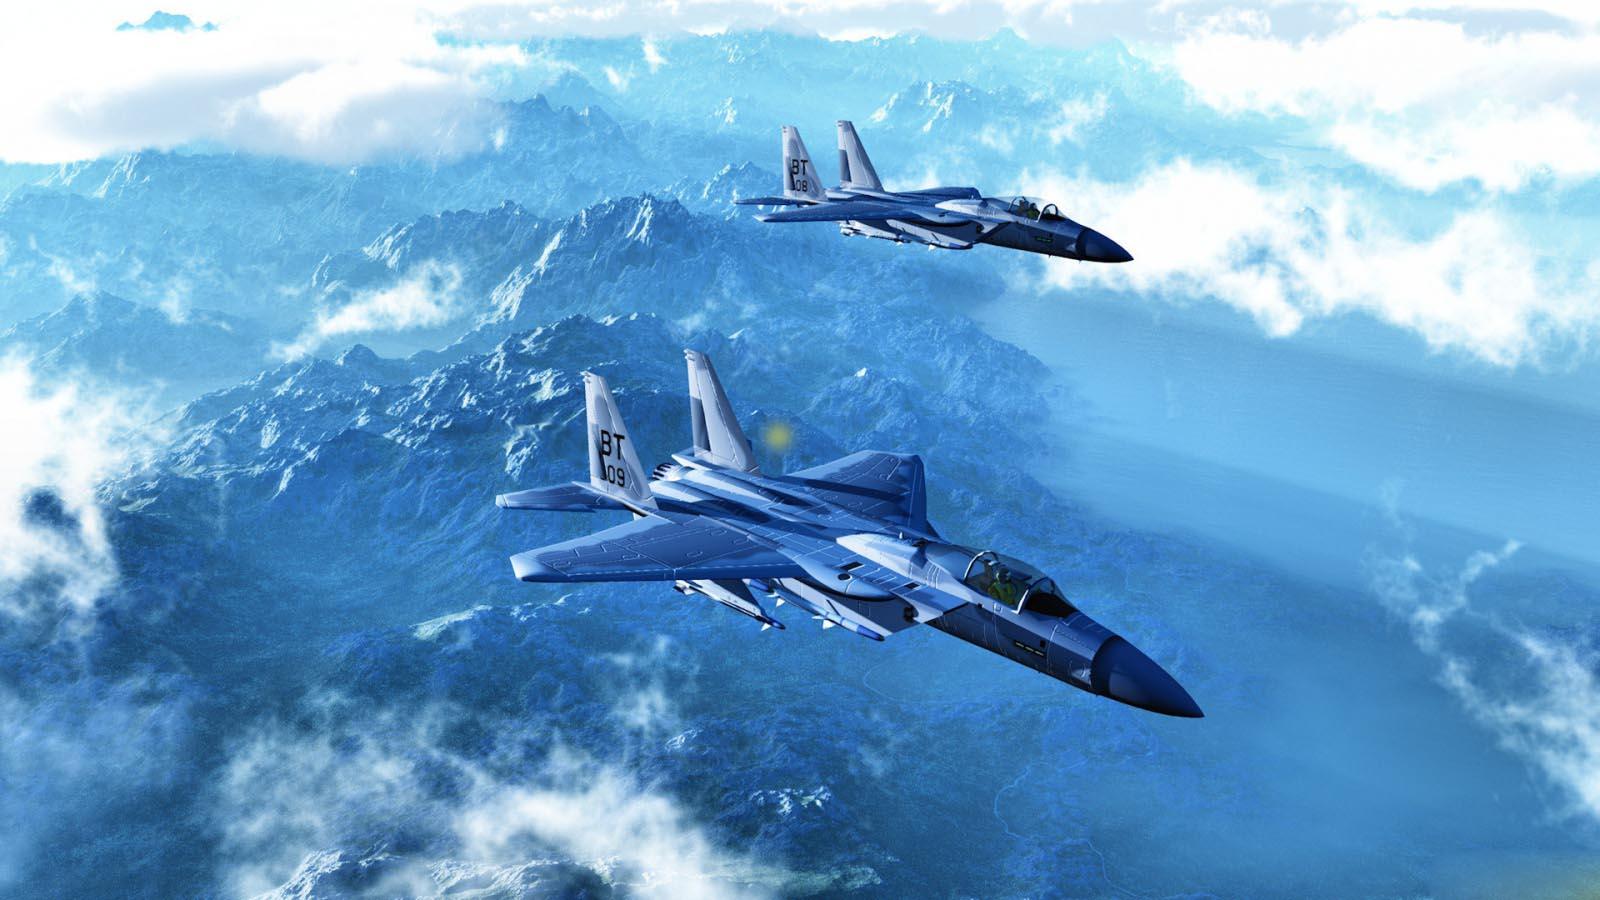 Fighter Jet Desktop Wallpapers - Wallpaper Cave